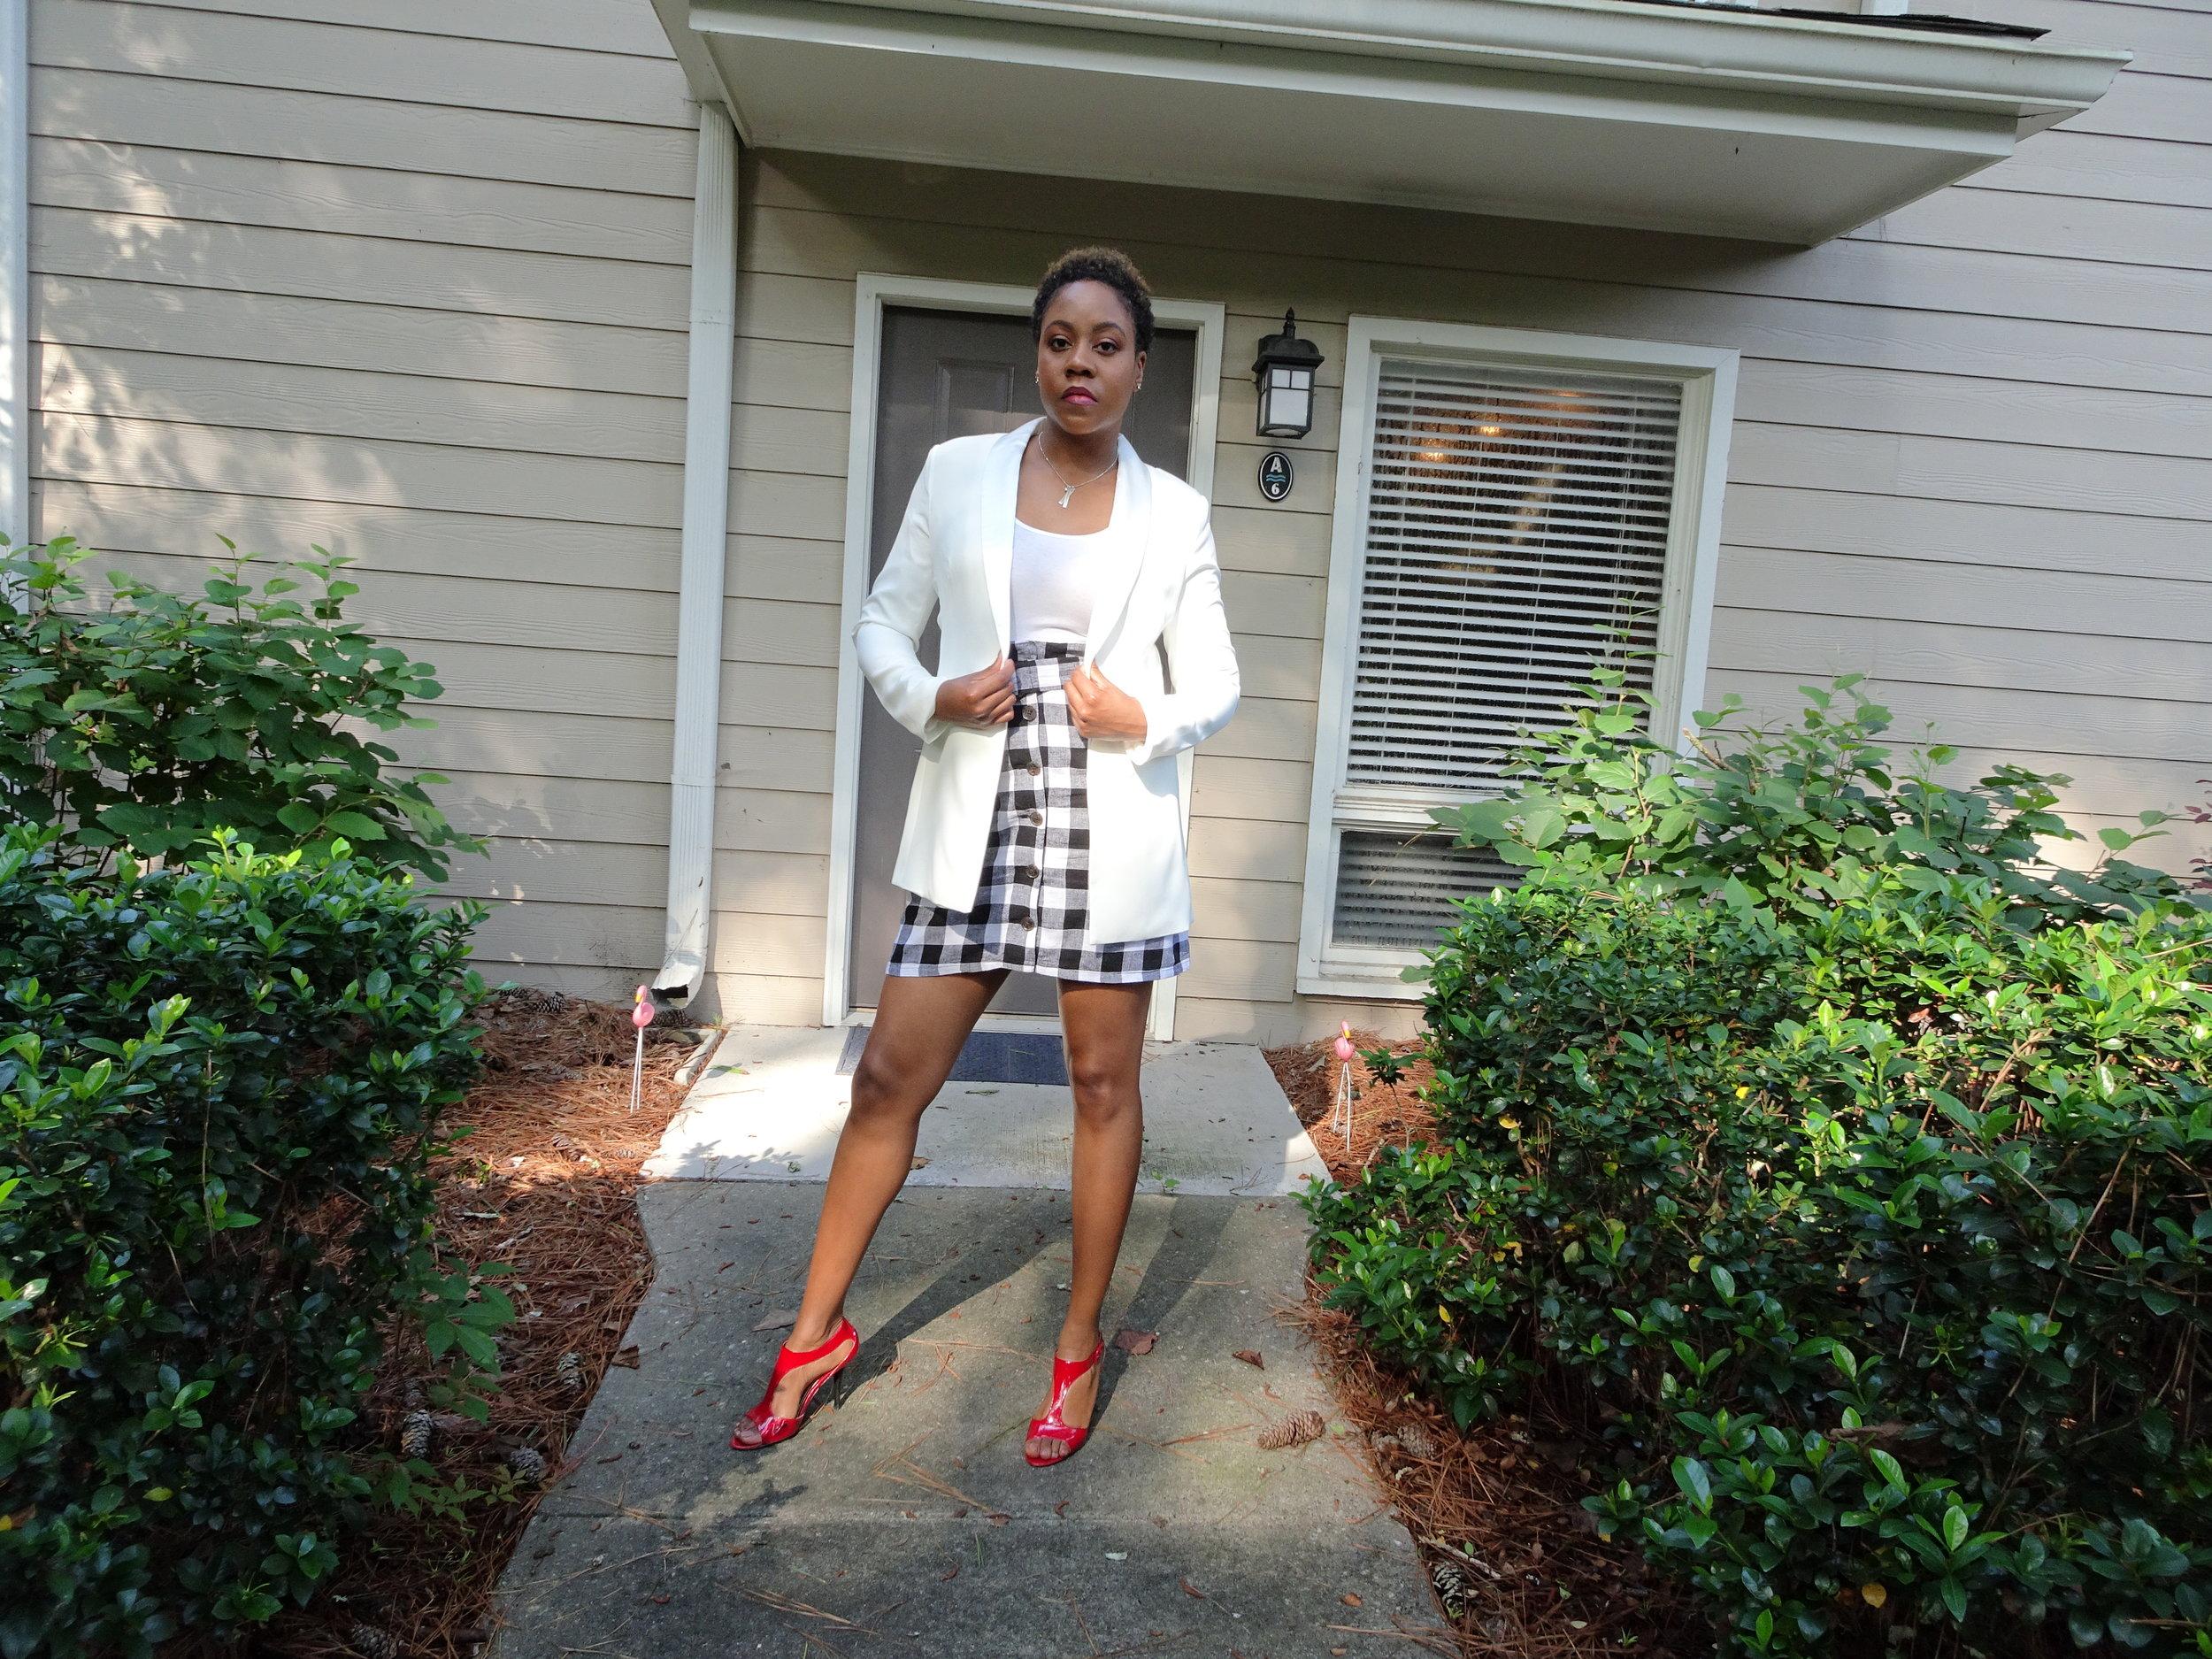 - Jacket & Skirt: AsosShoes: Bandolino (several years ago)